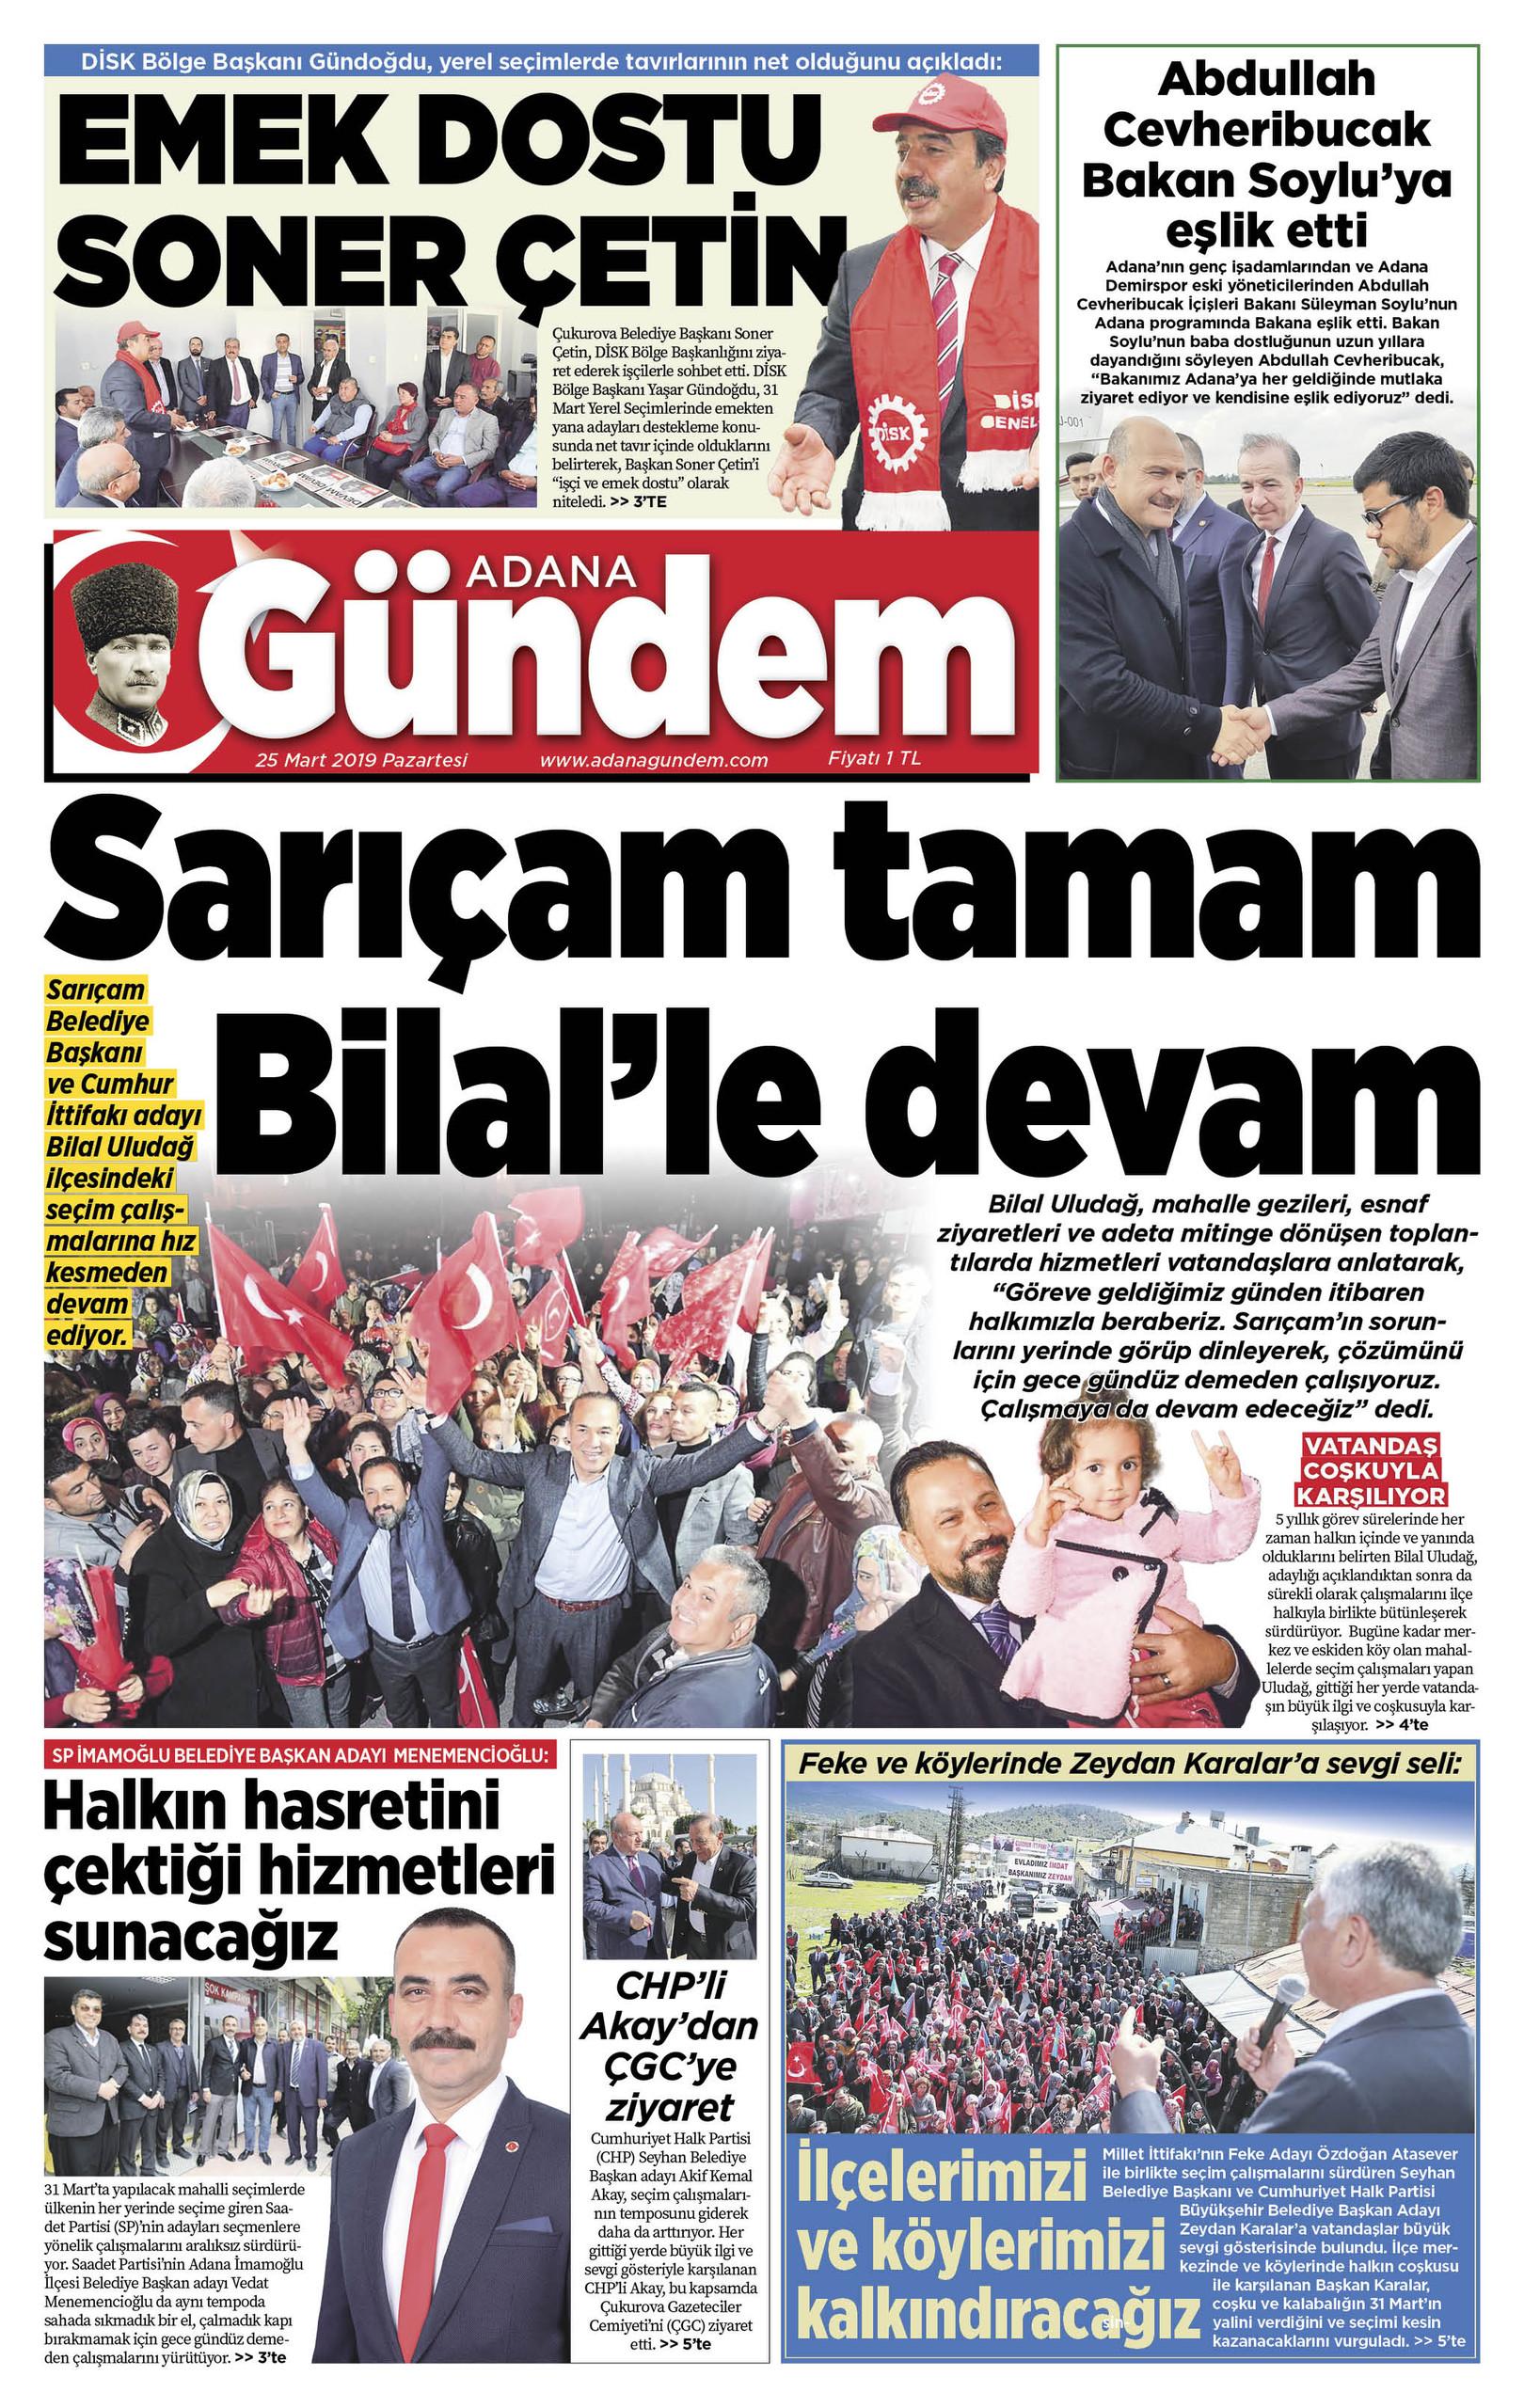 Adana Gündem Gazetesi e-gazete